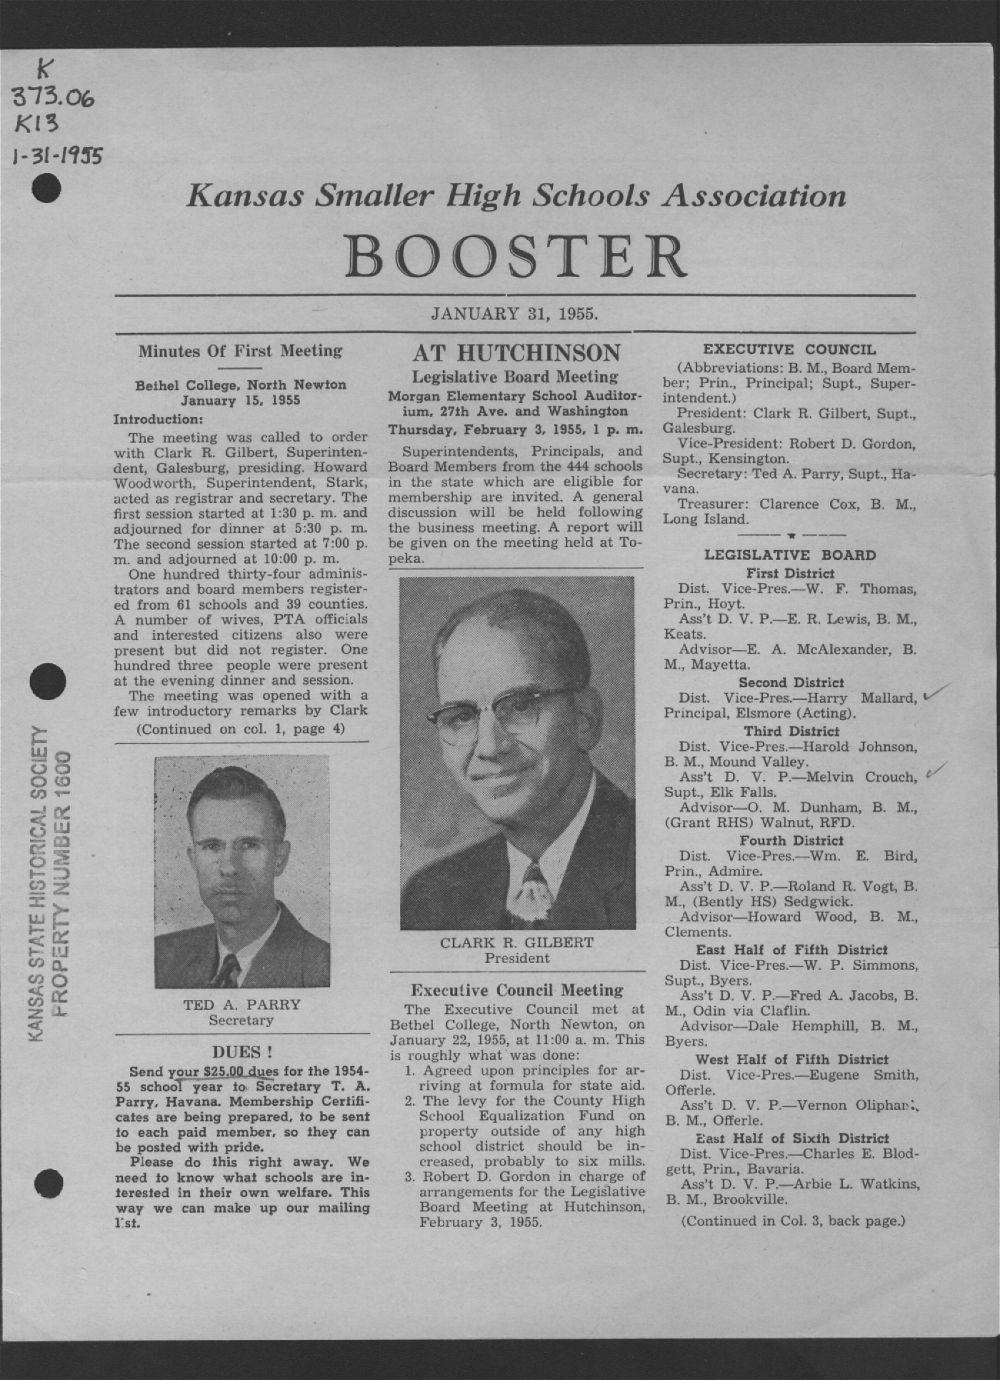 Kansas Smaller High Schools Association Booster - 1